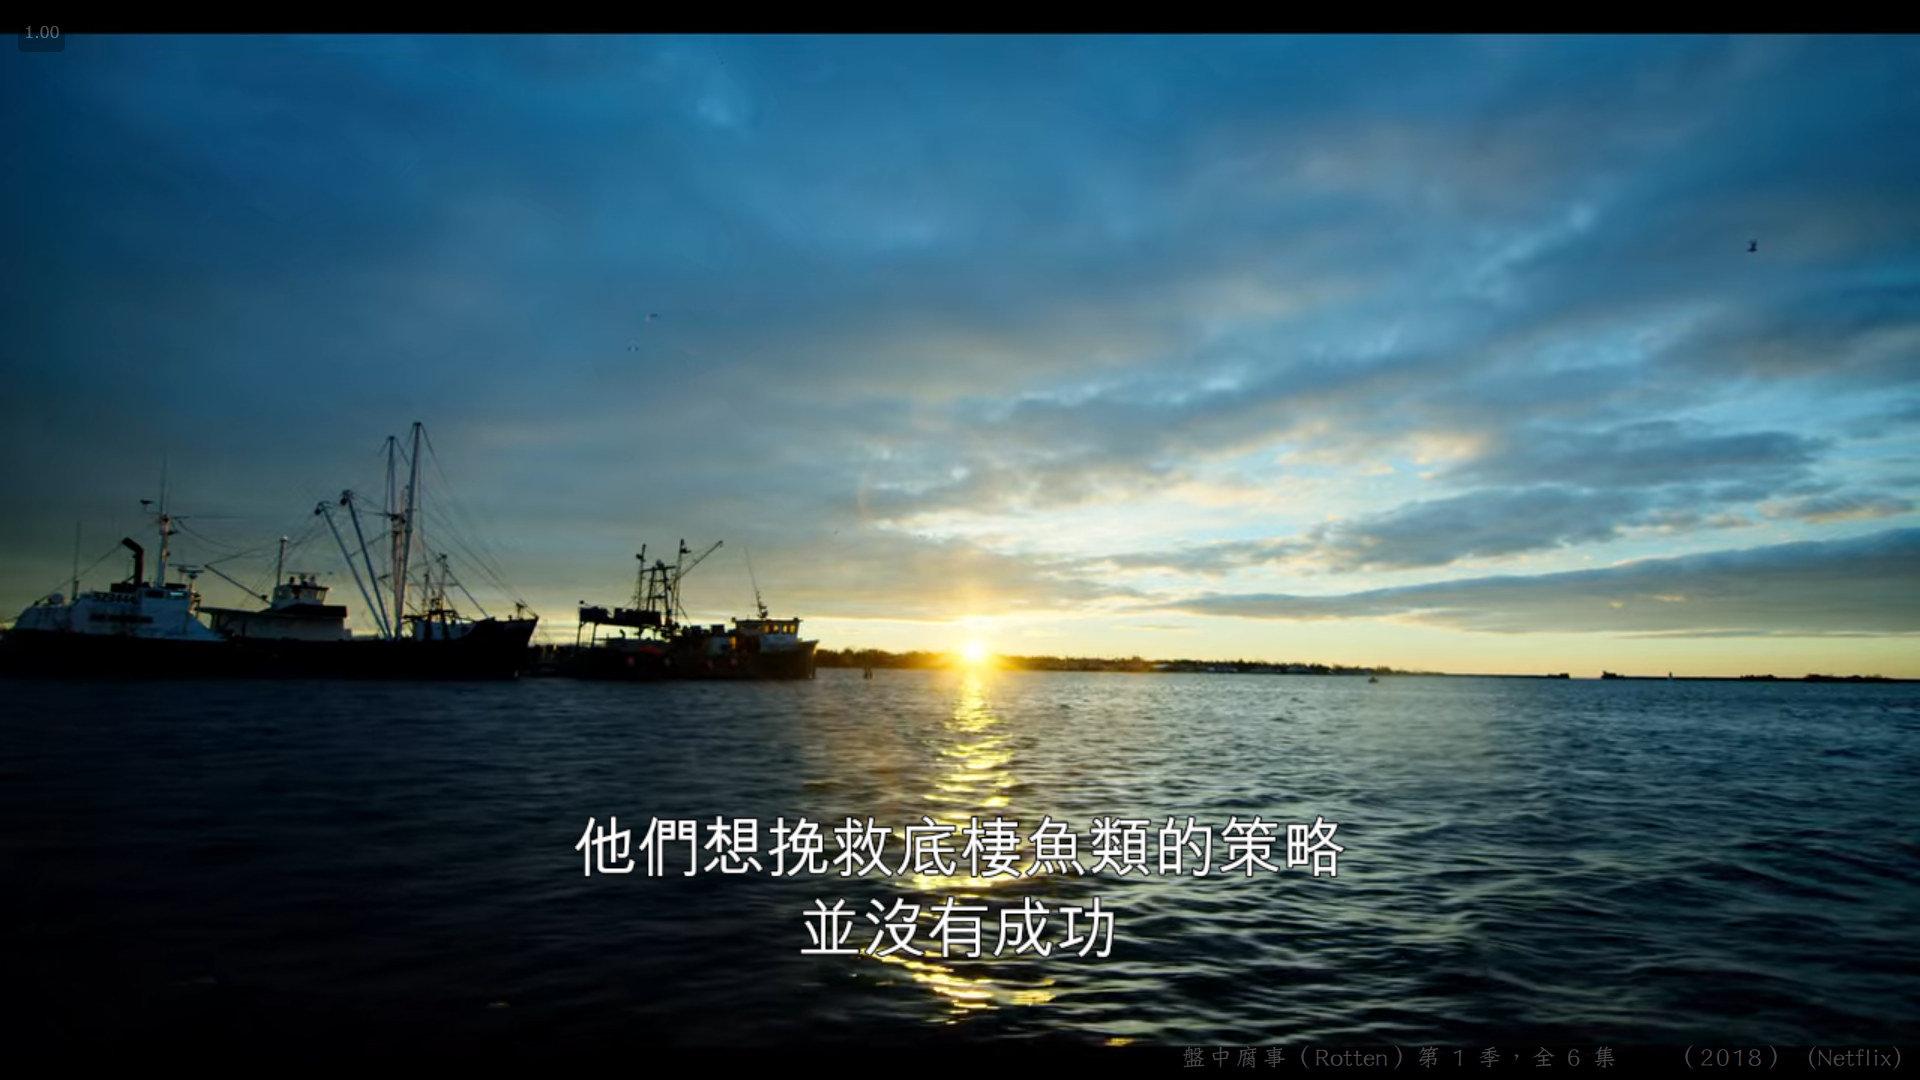 盤中腐事(Rotten)S1 E5-6 (028).jpg